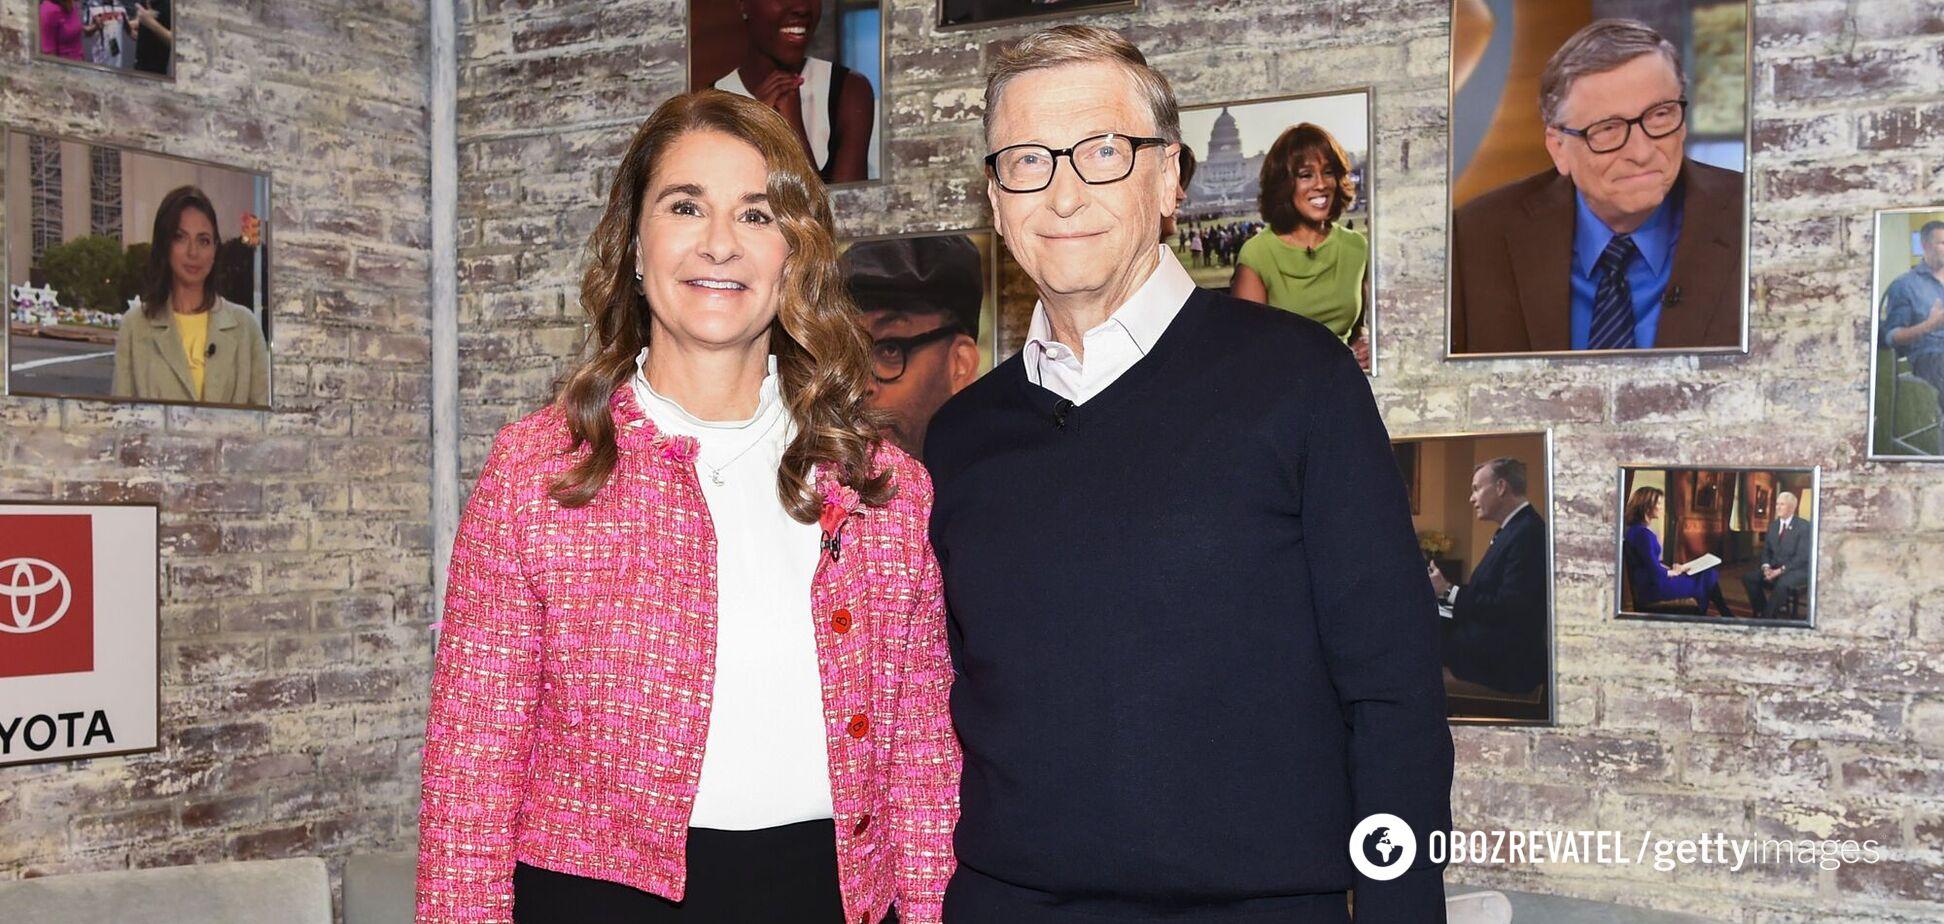 ЗМІ зв'язали розлучення Білла і Мелінди Гейтсів зі спілкуванням бізнесмена з мільярдером-педофілом